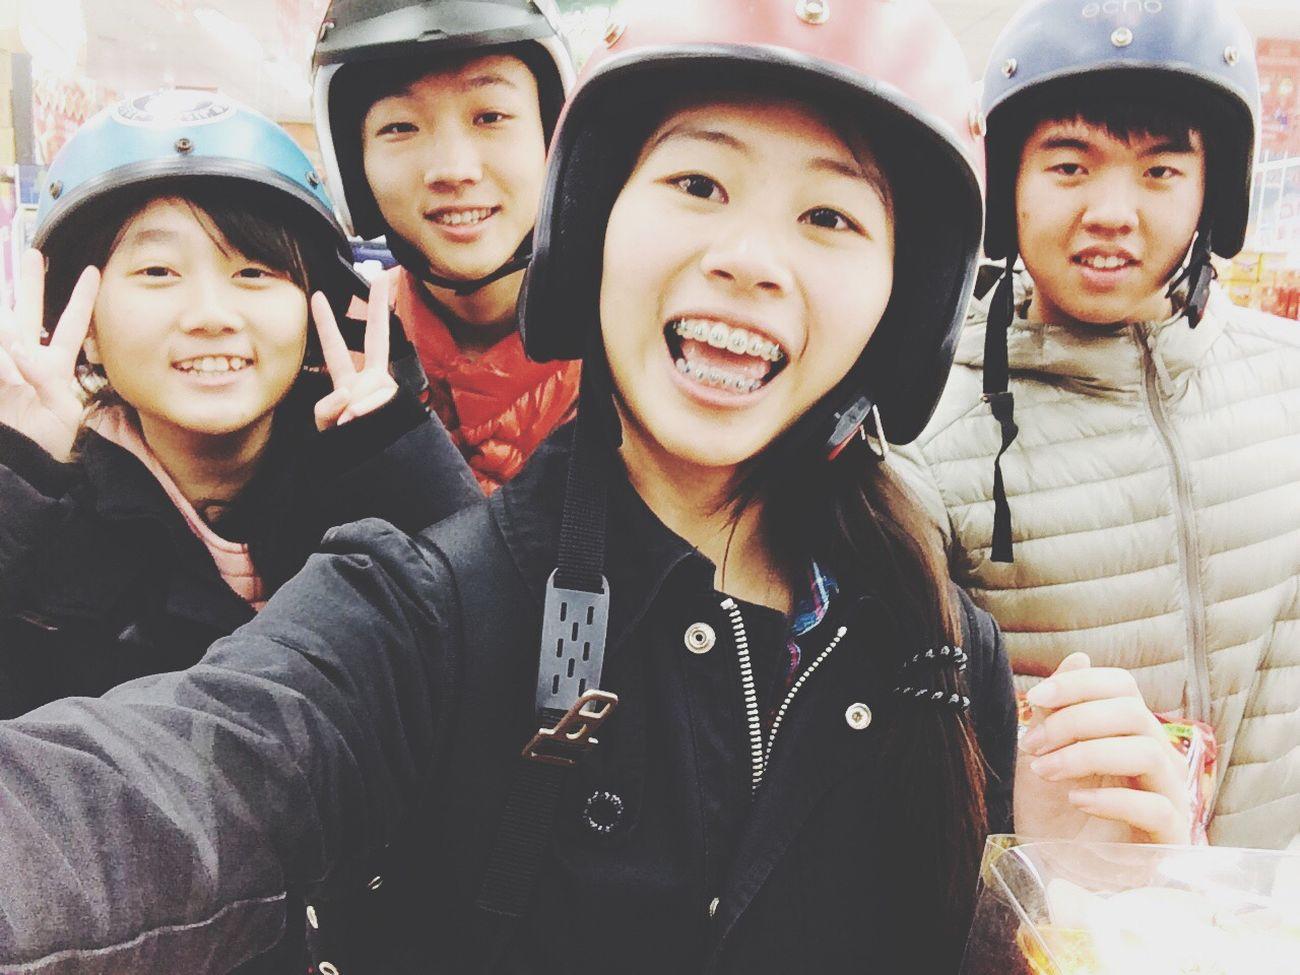 幹嘛? Enjoying Life Haha Guest Helmet Buy Food Friends